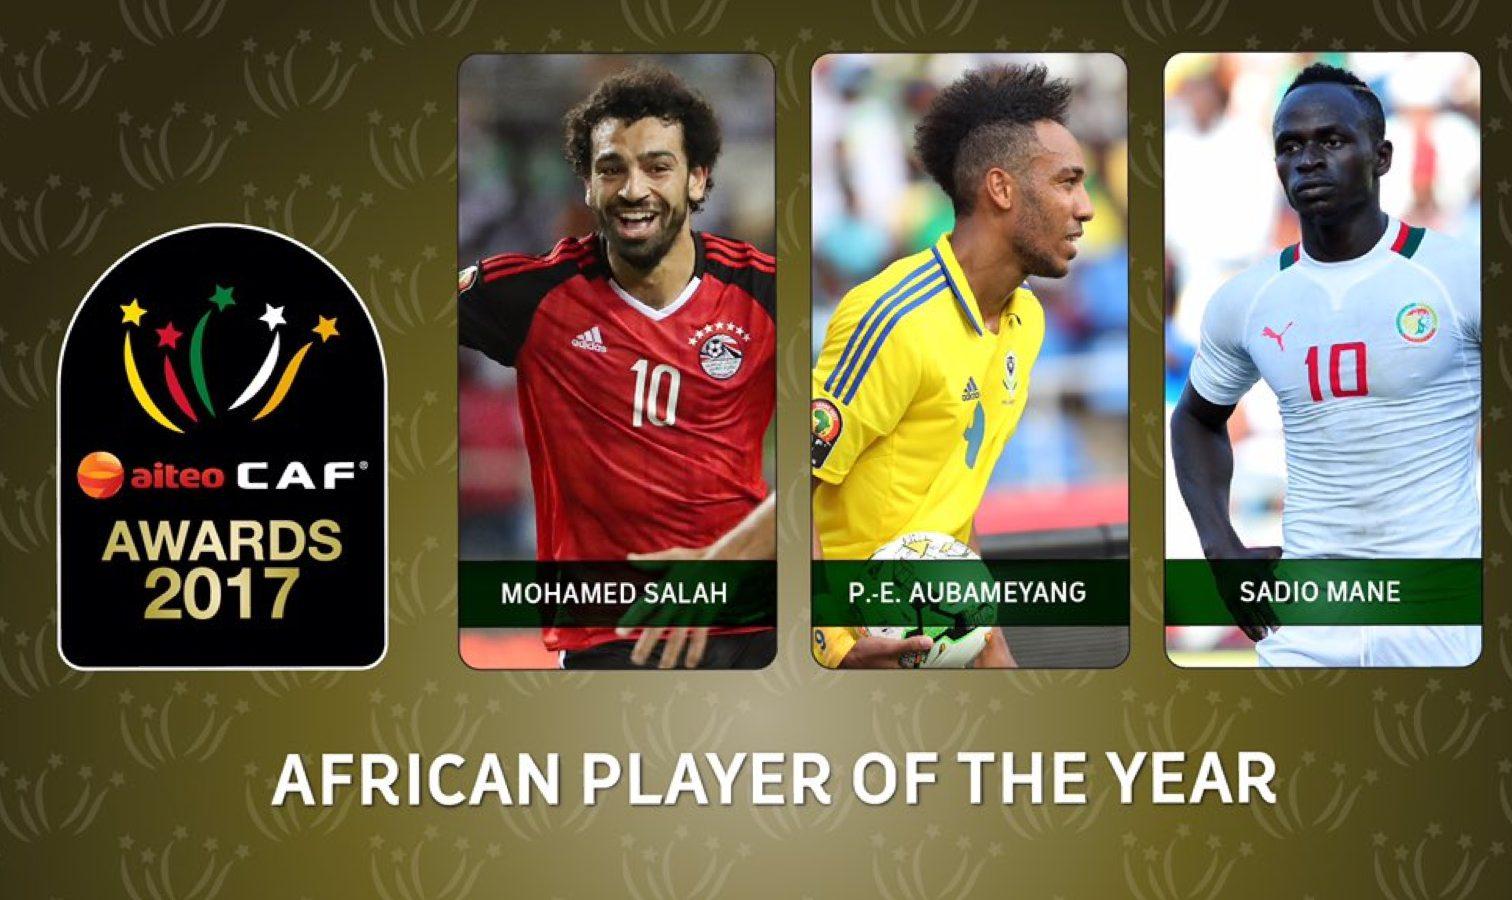 Joueur Africain de l'année: Salah, Aubameyang et Mané sur la bonne voie